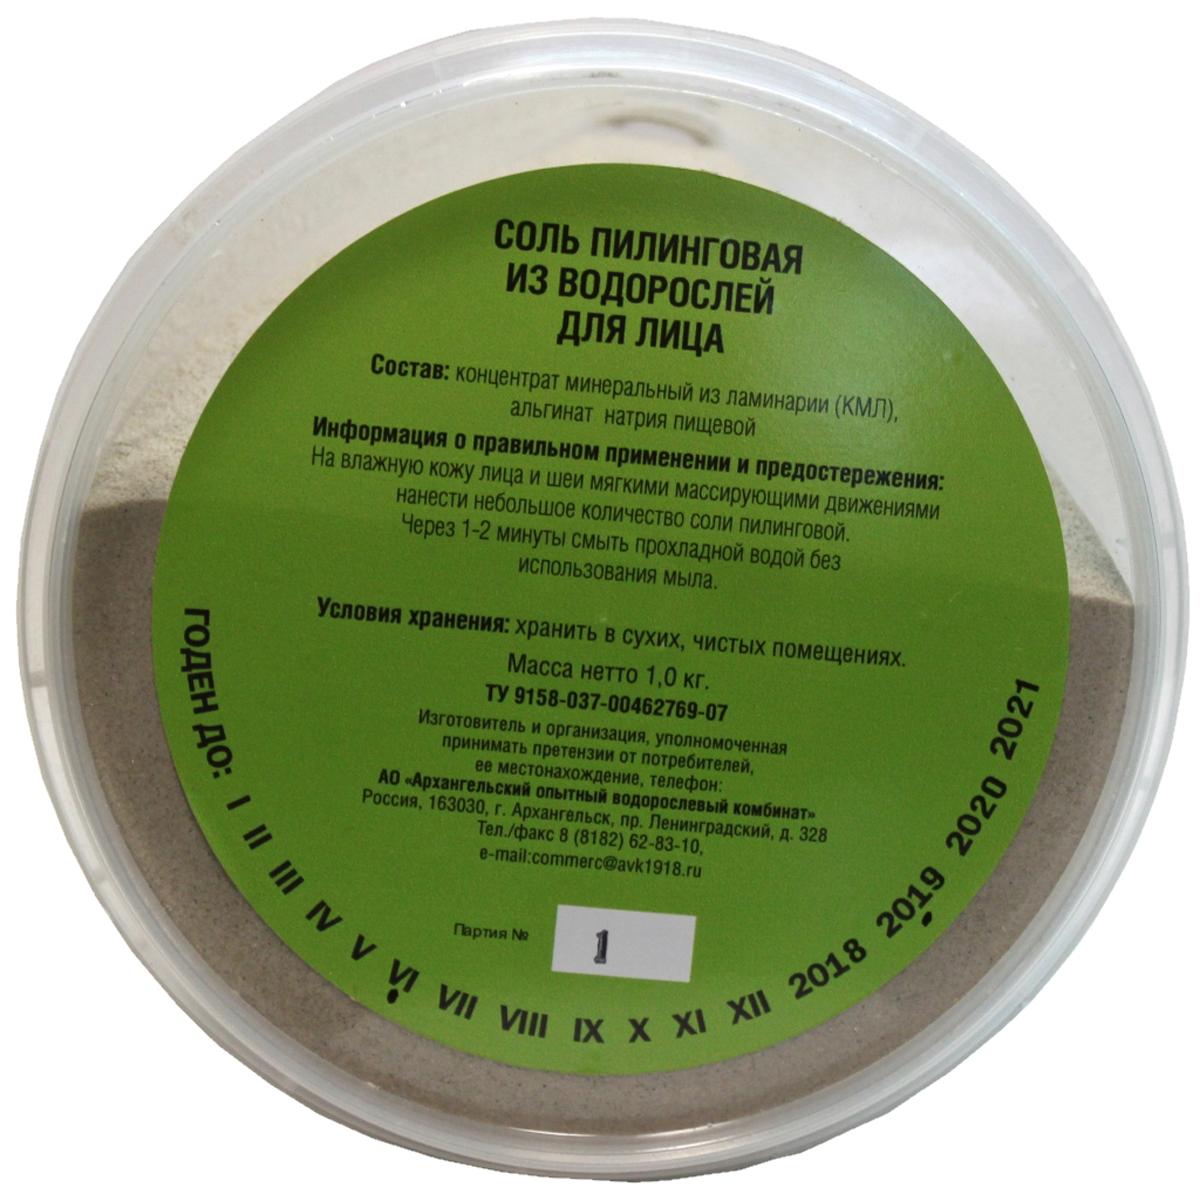 АОВК Соль пилинговая из водорослей для лица, 1000 г00-00000550Минеральный пилинг особо тонкого помола для нежной полировки кожи лица глубоко проникает в поры, очищая их. Эффективно отшелушивает роговой слой кожи. Питает кожу минералами и микроэлементами, тонизирует, активизирует микроциркуляцию. Повышает восприимчивость кожи к последующим процедурам.